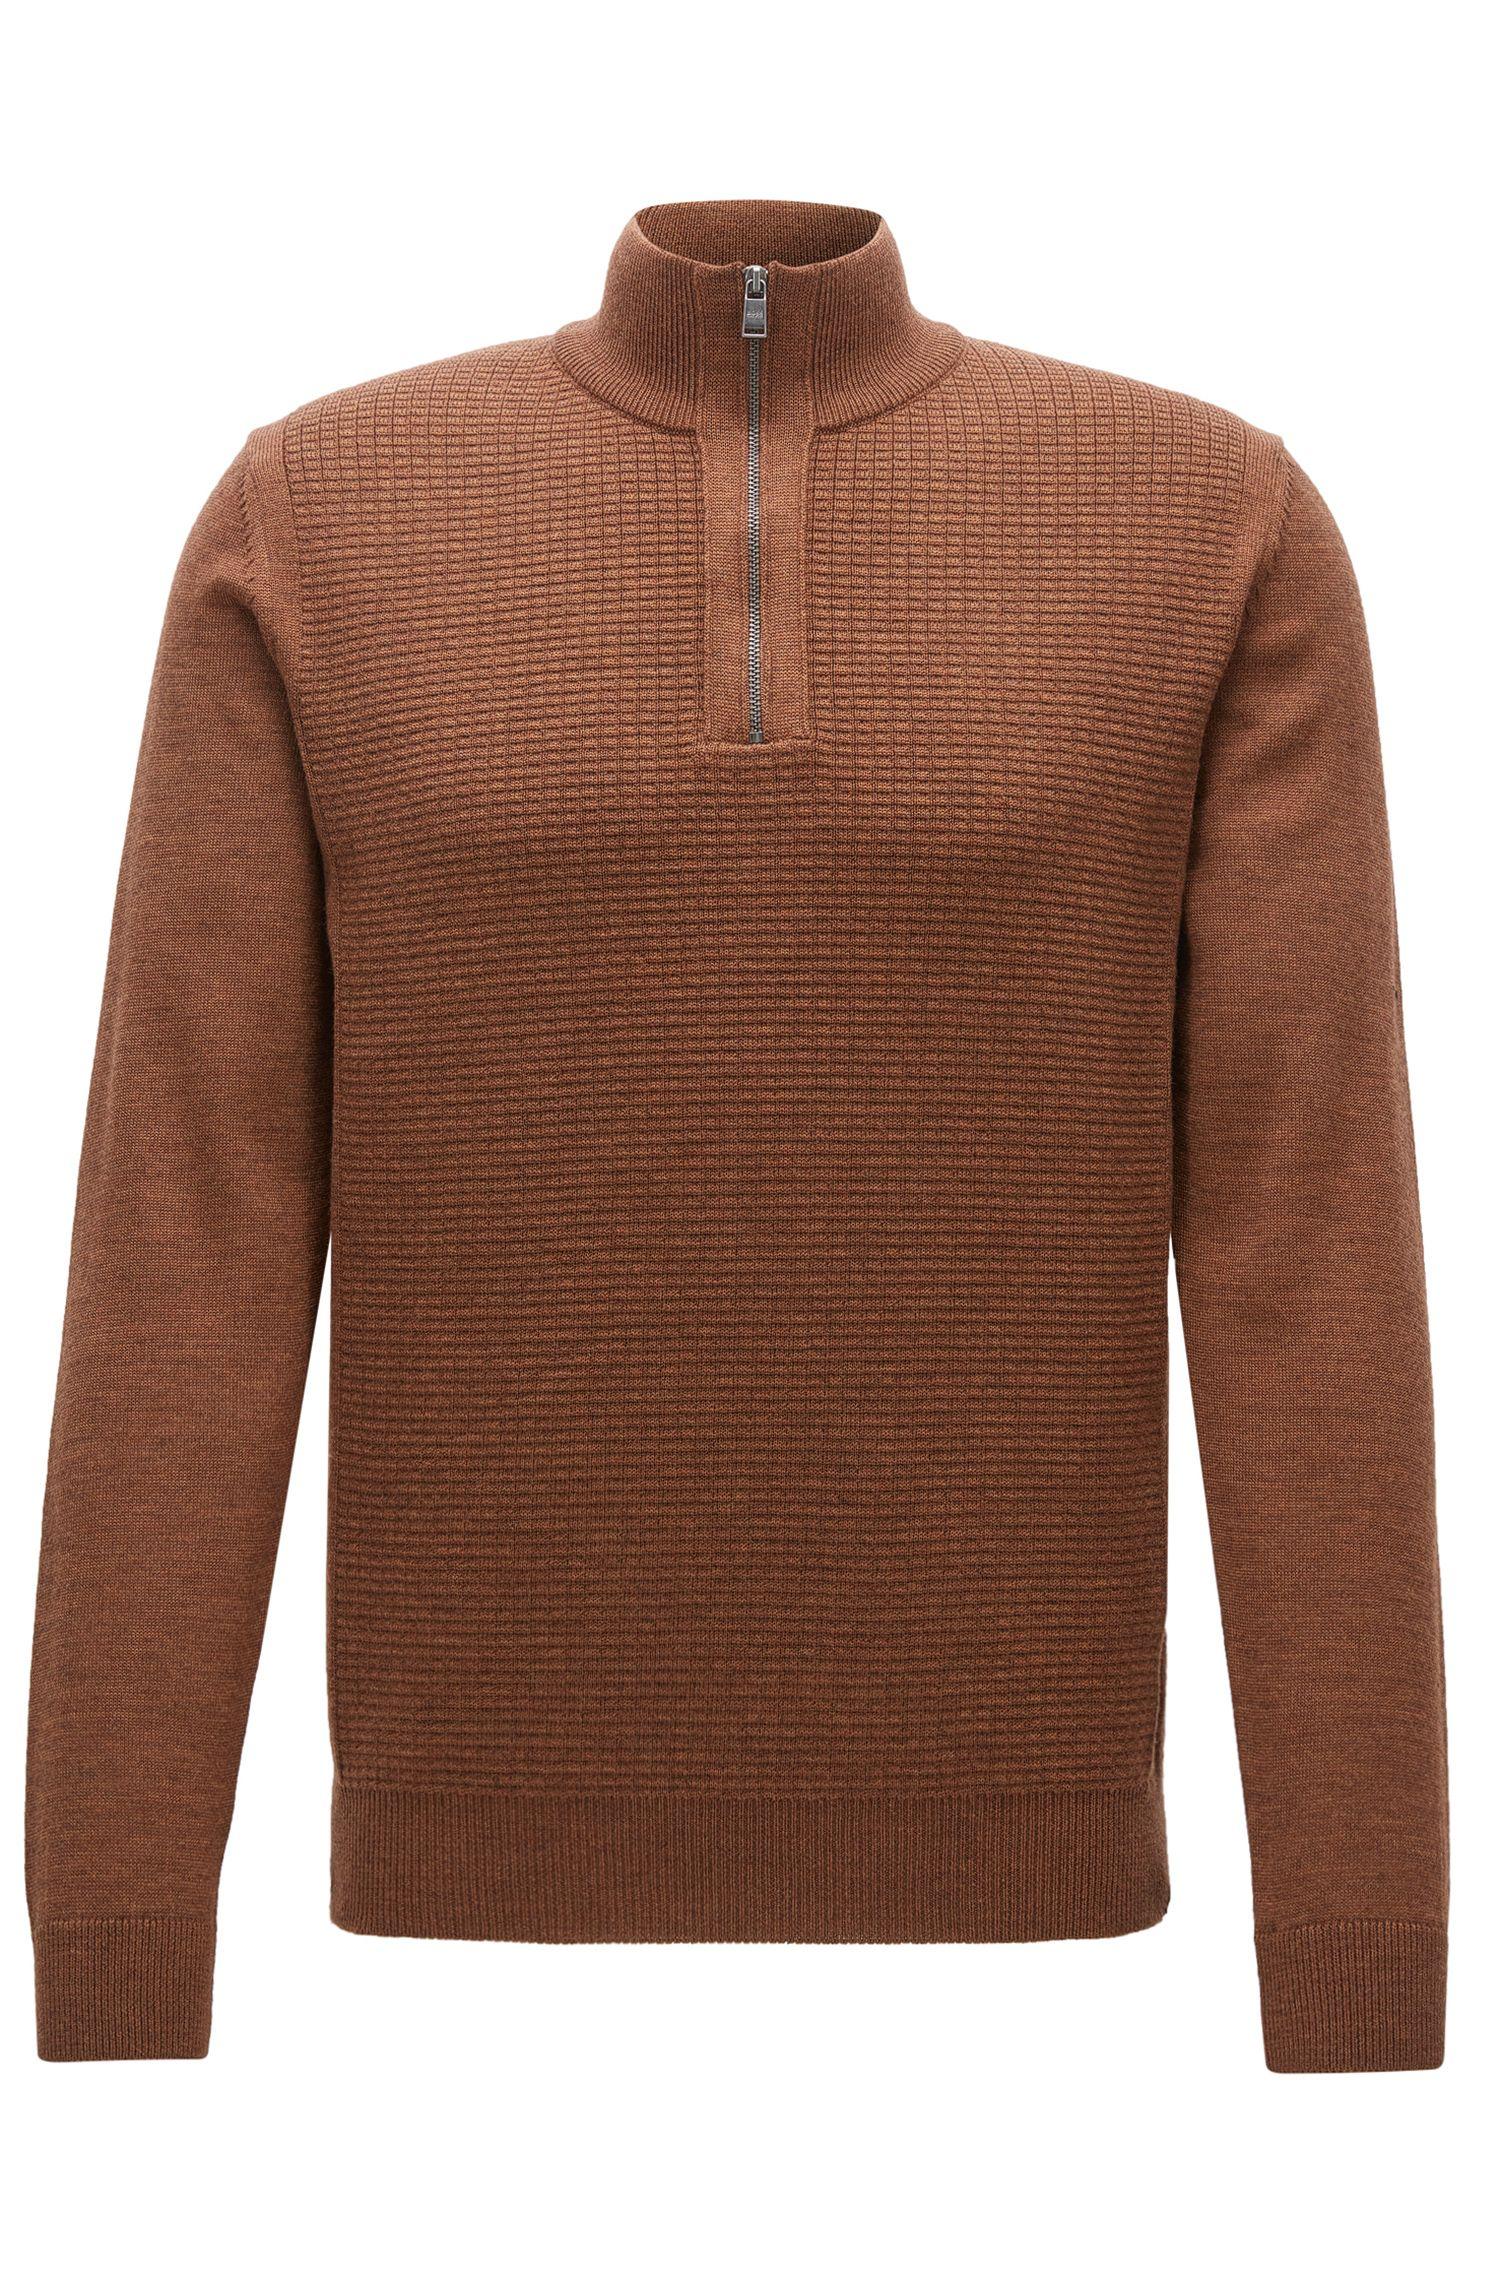 Waffle-Knit Virgin Wool Sweater | Nacello